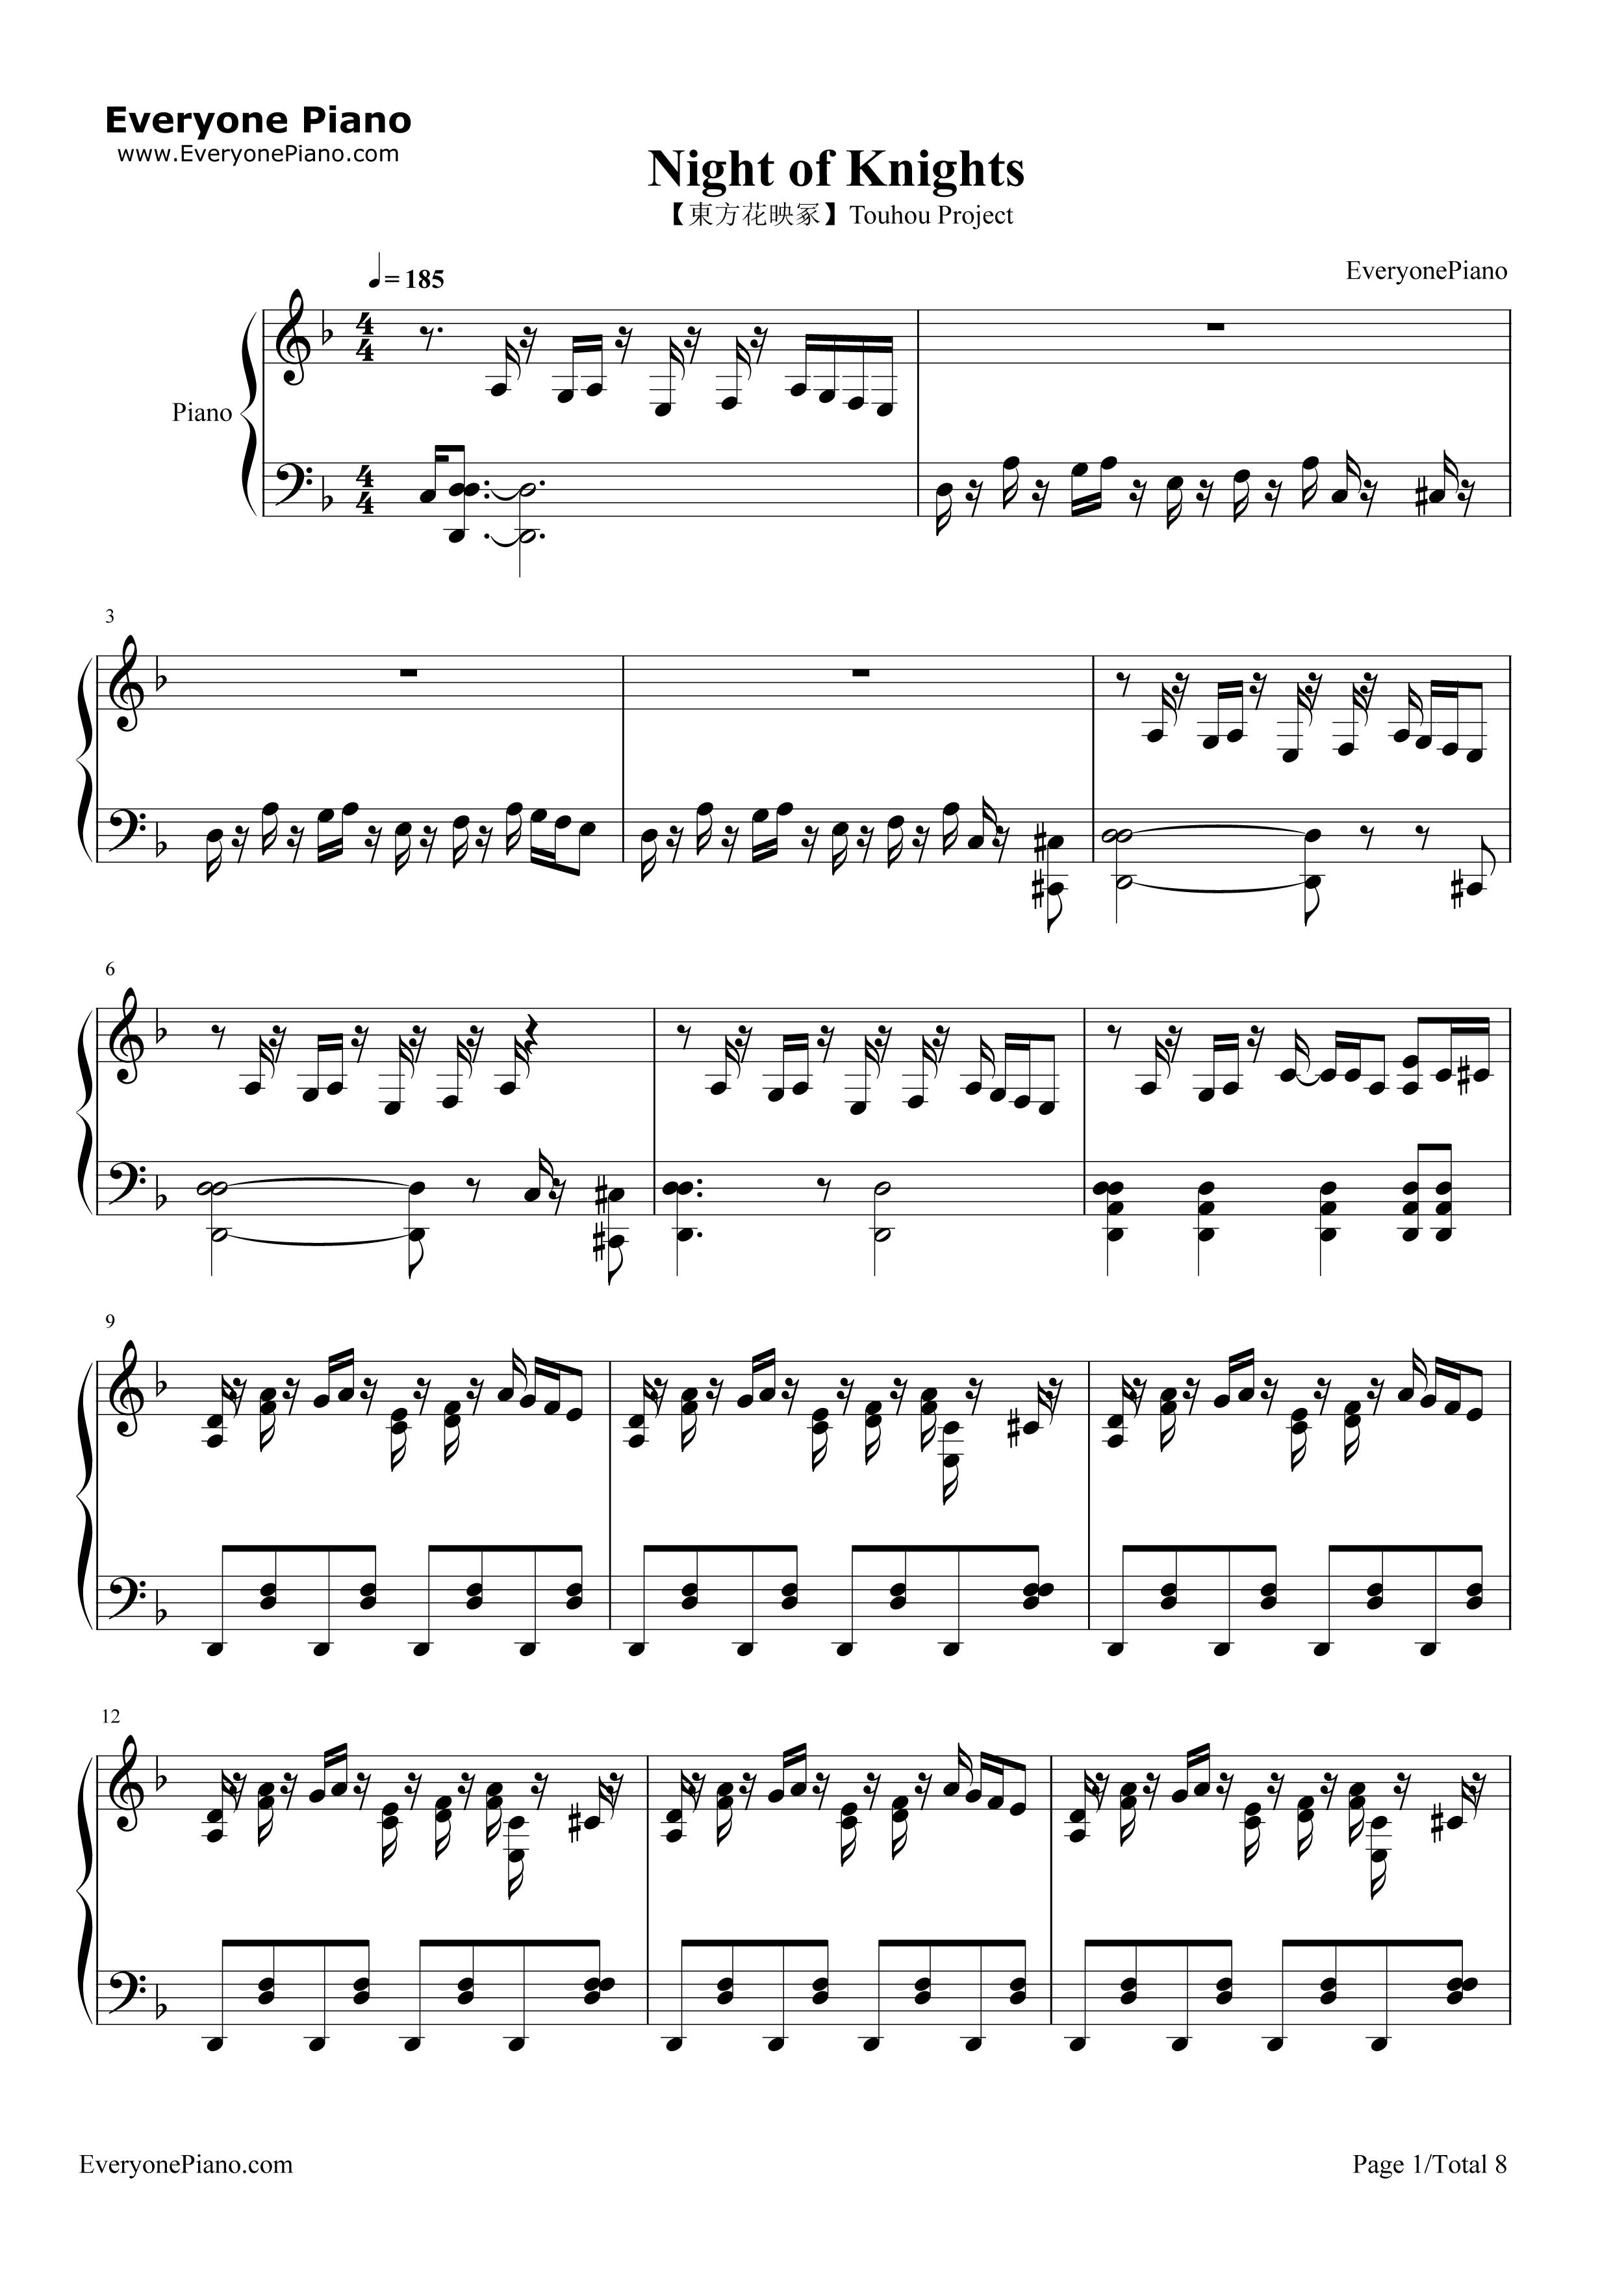 [東方ピアノ鬼畜モード ナイト・オブ・ナイツ]を自 …